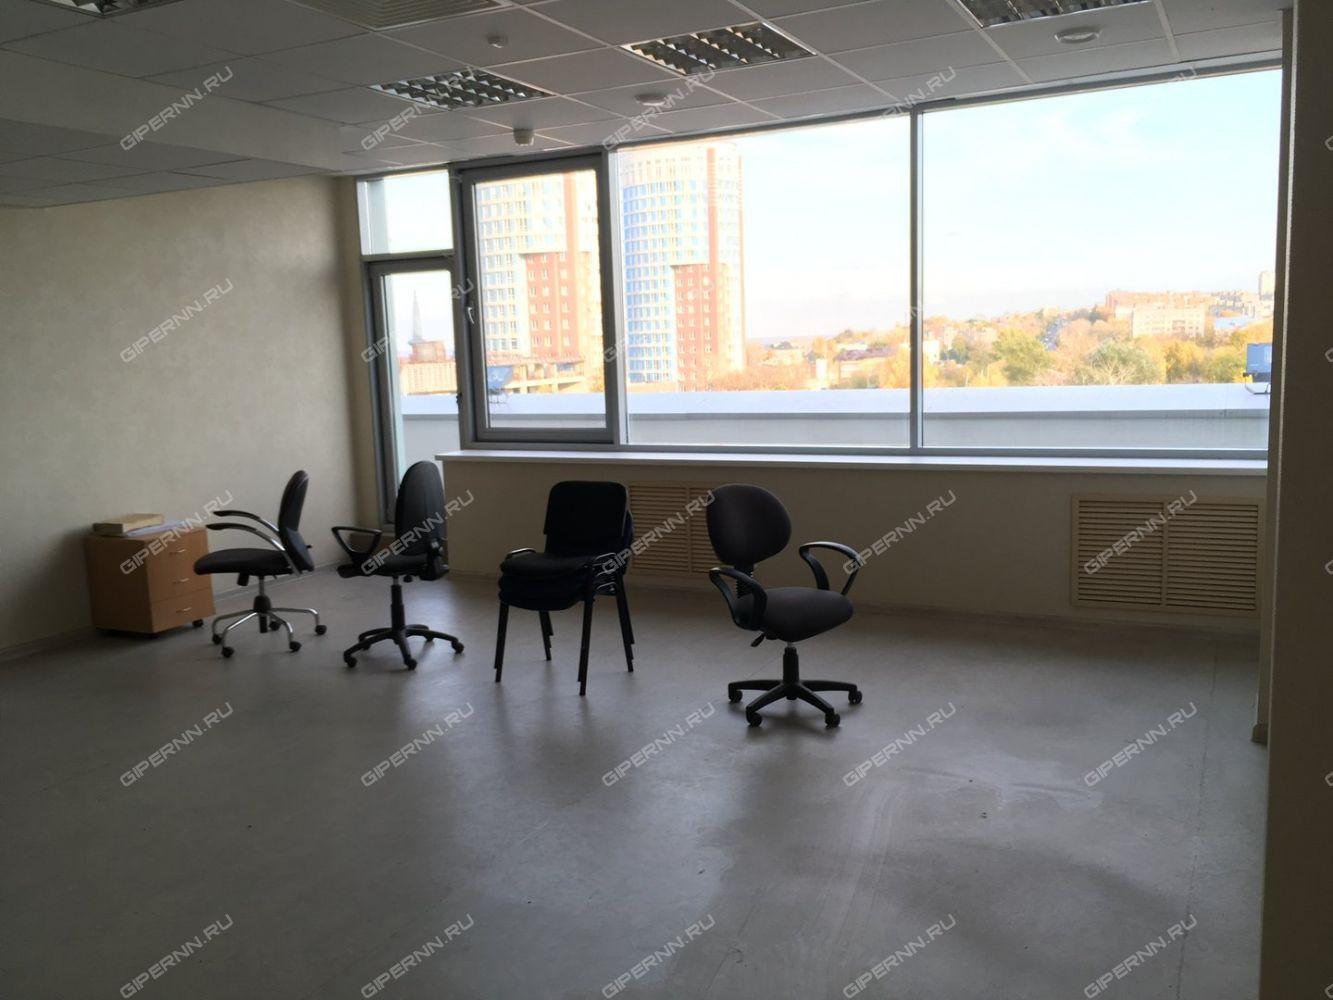 Аренда офиса в нижнем новгороде с панорамными окнами мега коммерческая недвижимость